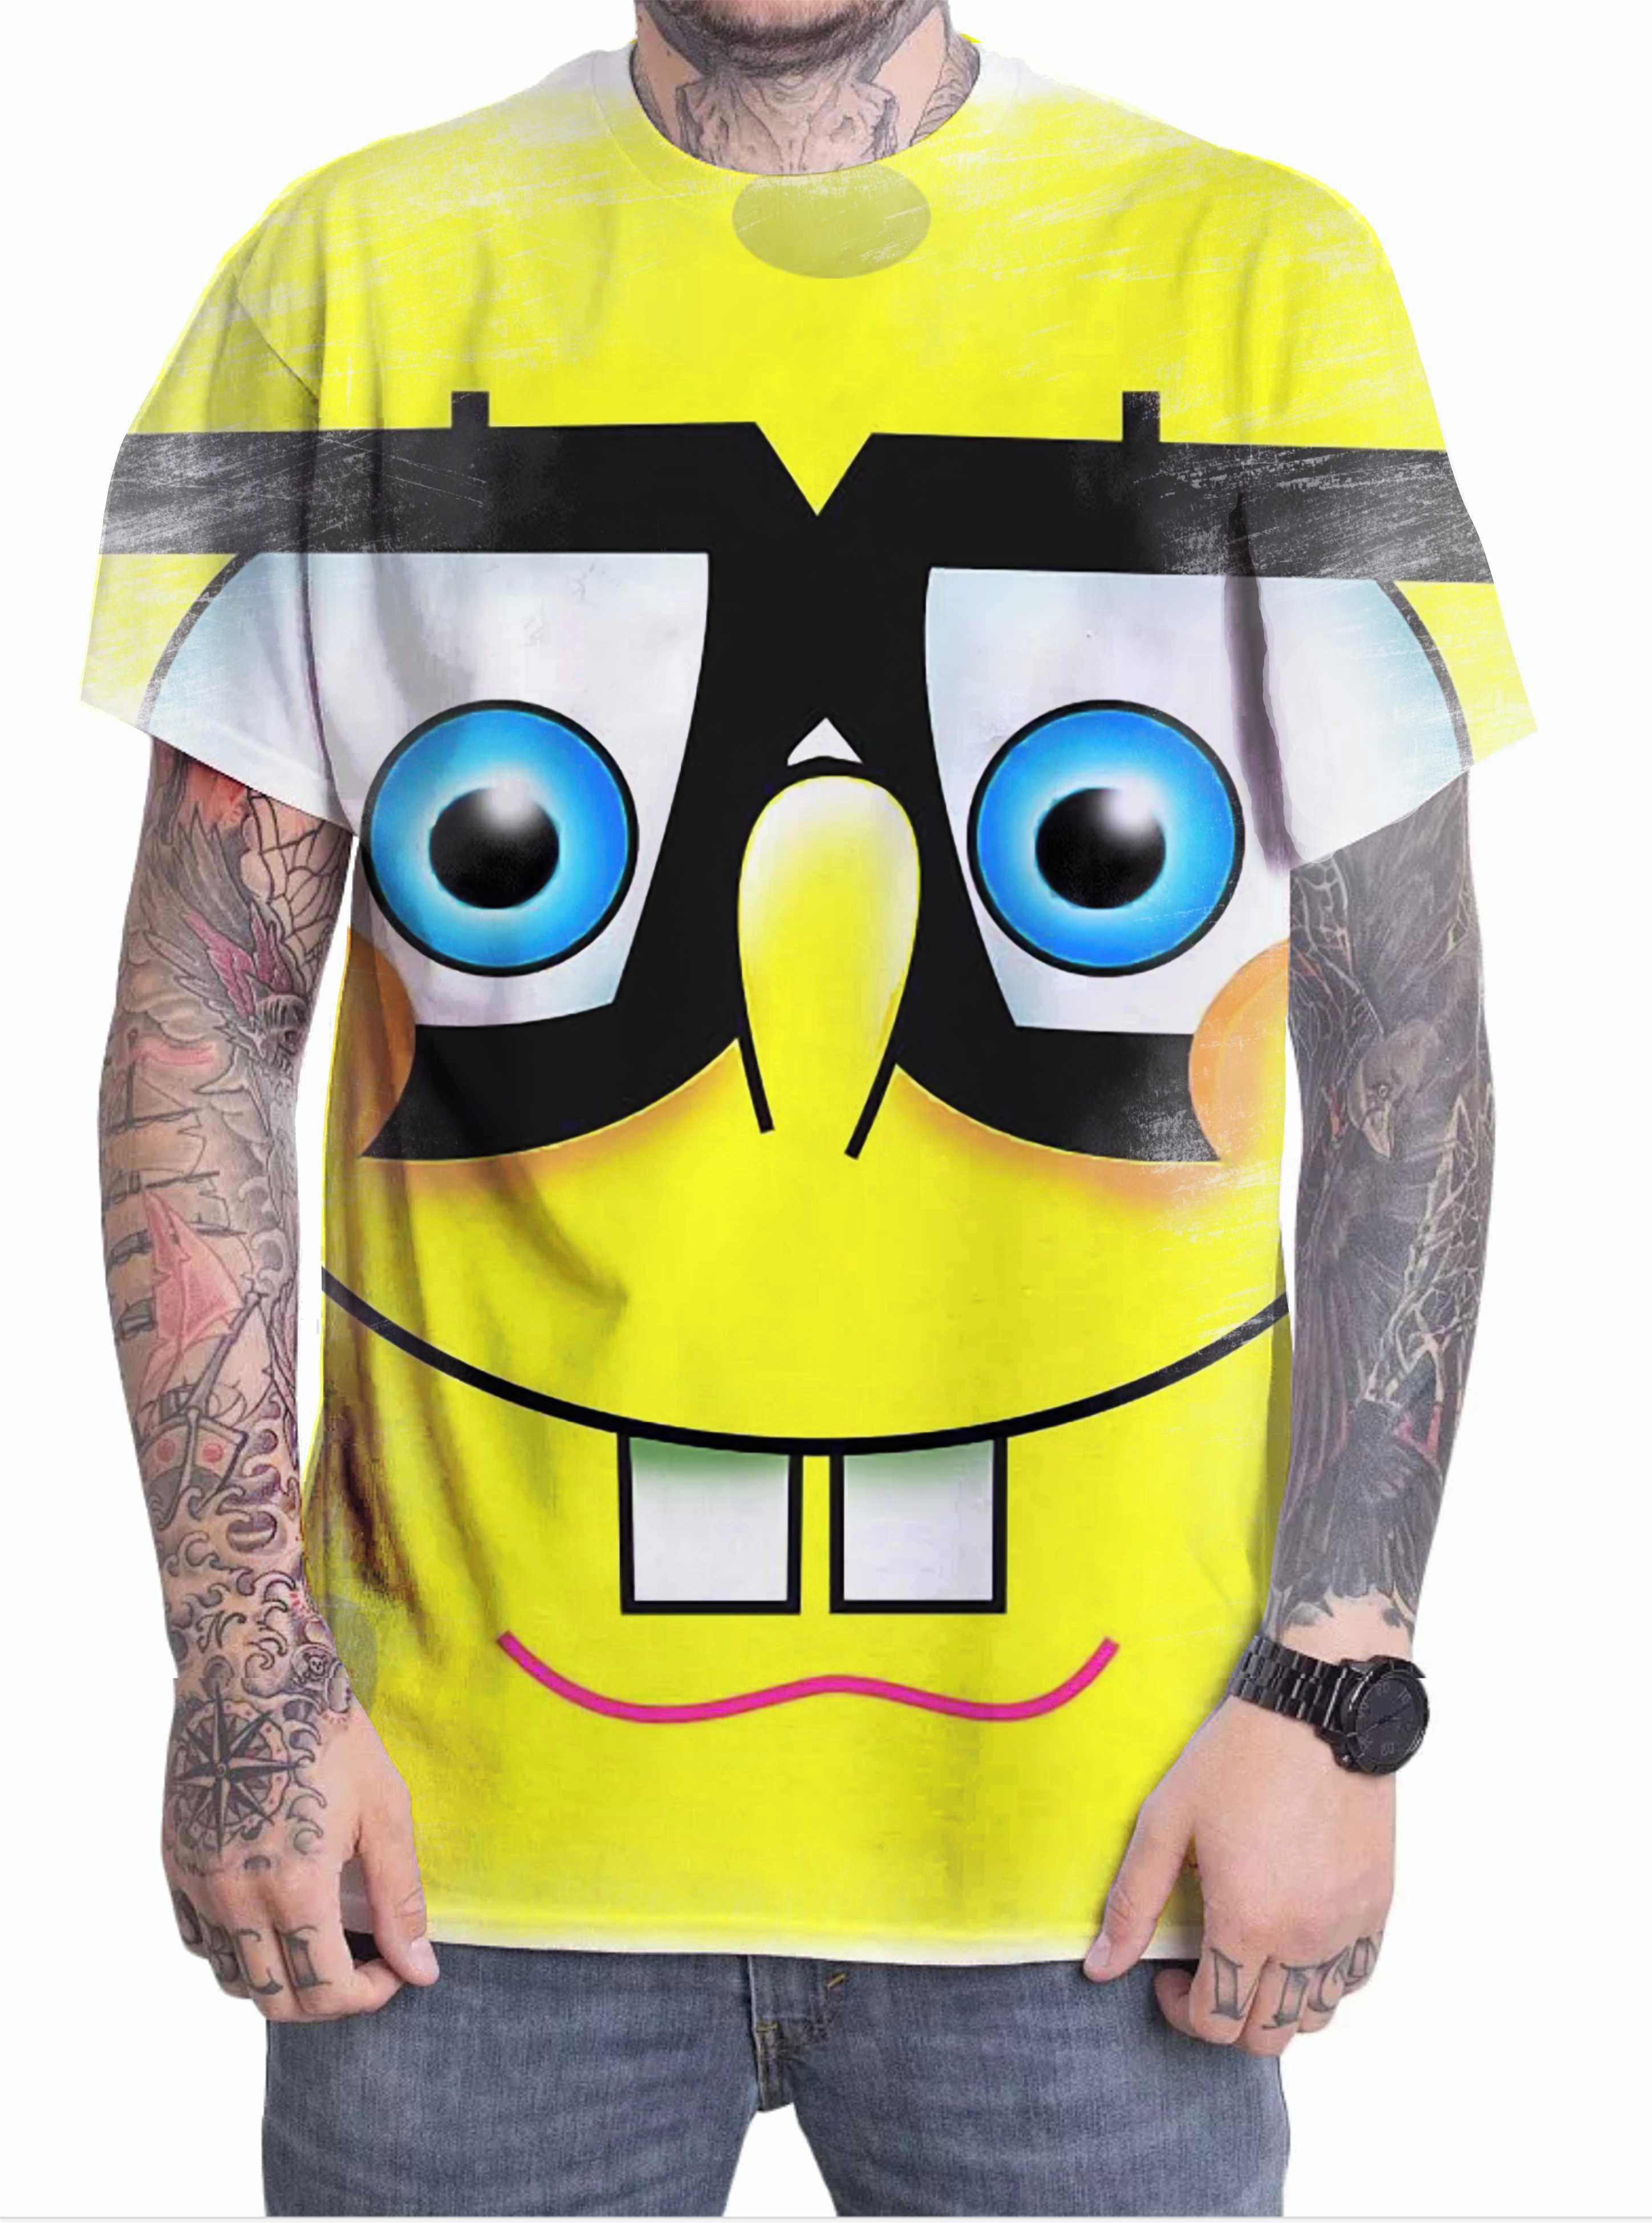 Camiseta Camisa Personalizada Desenho Bob Esponja 16 No Elo7